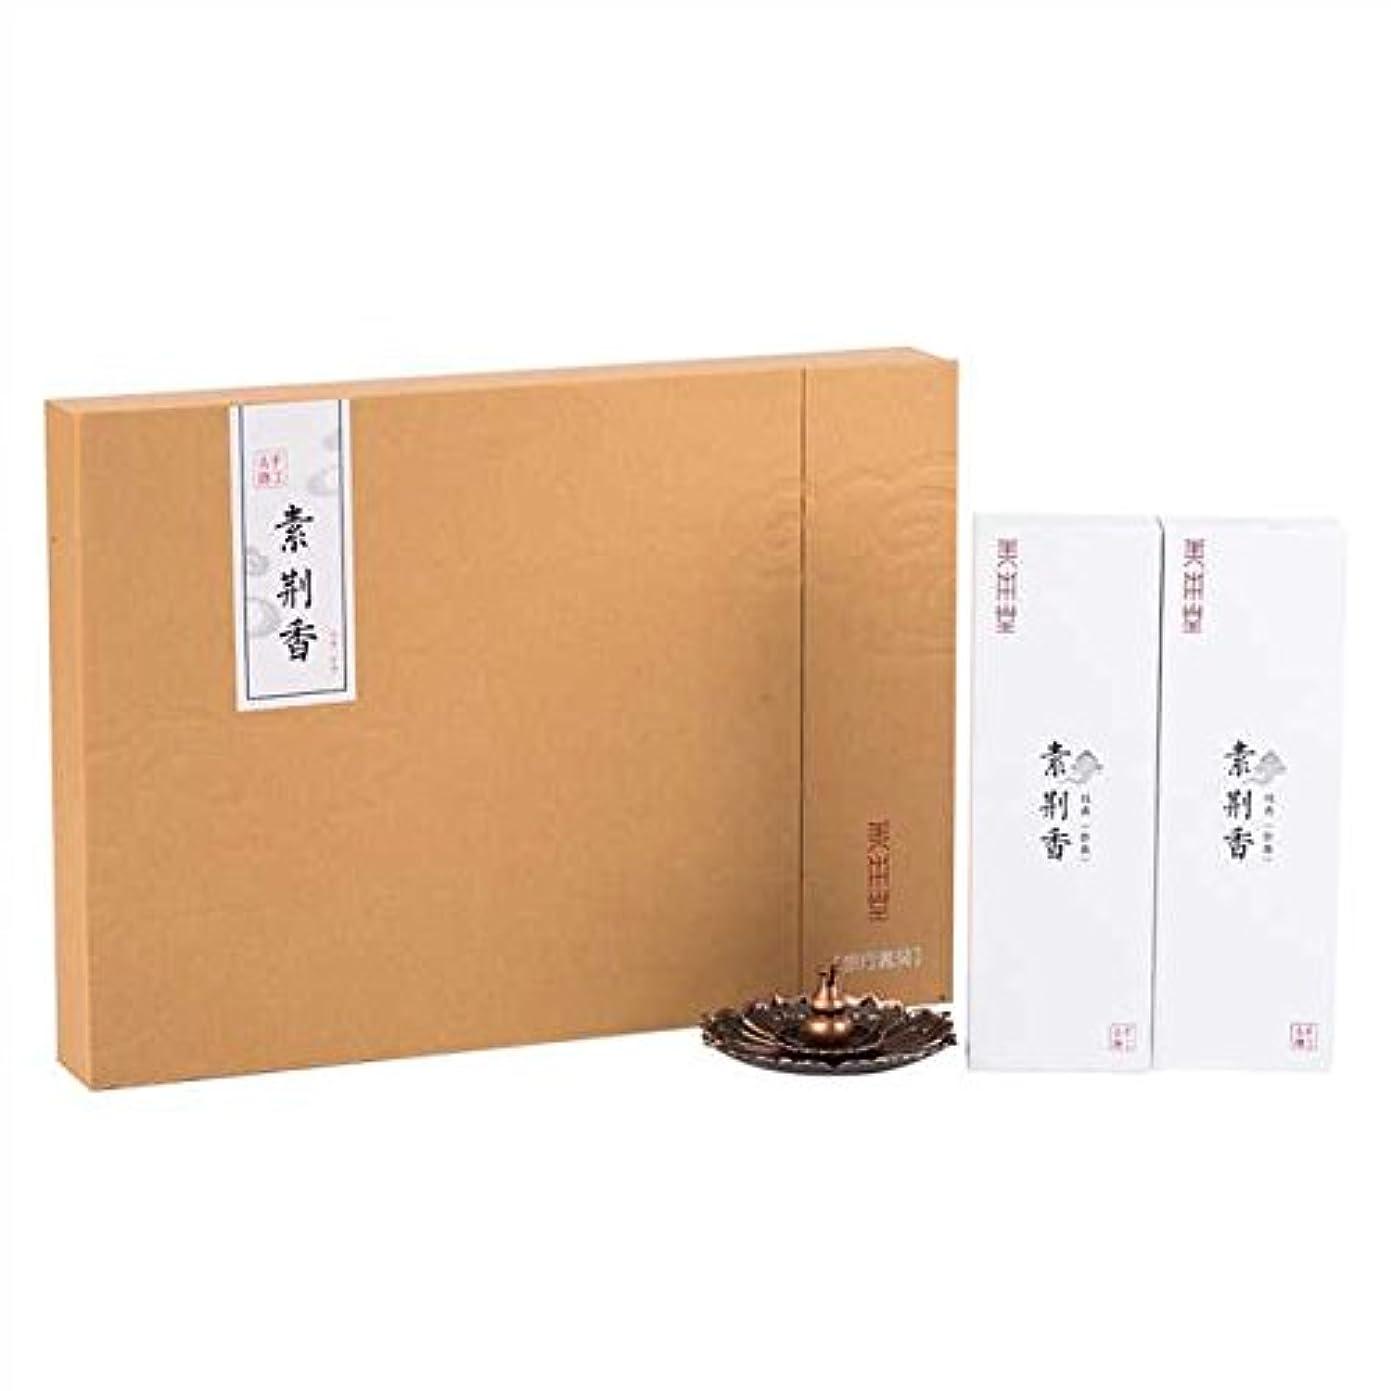 さておきあえて設置ShanBenTang スティックお香 天然 手作り 化学物質不使用 ギフトパッケージ 蓮の香炉